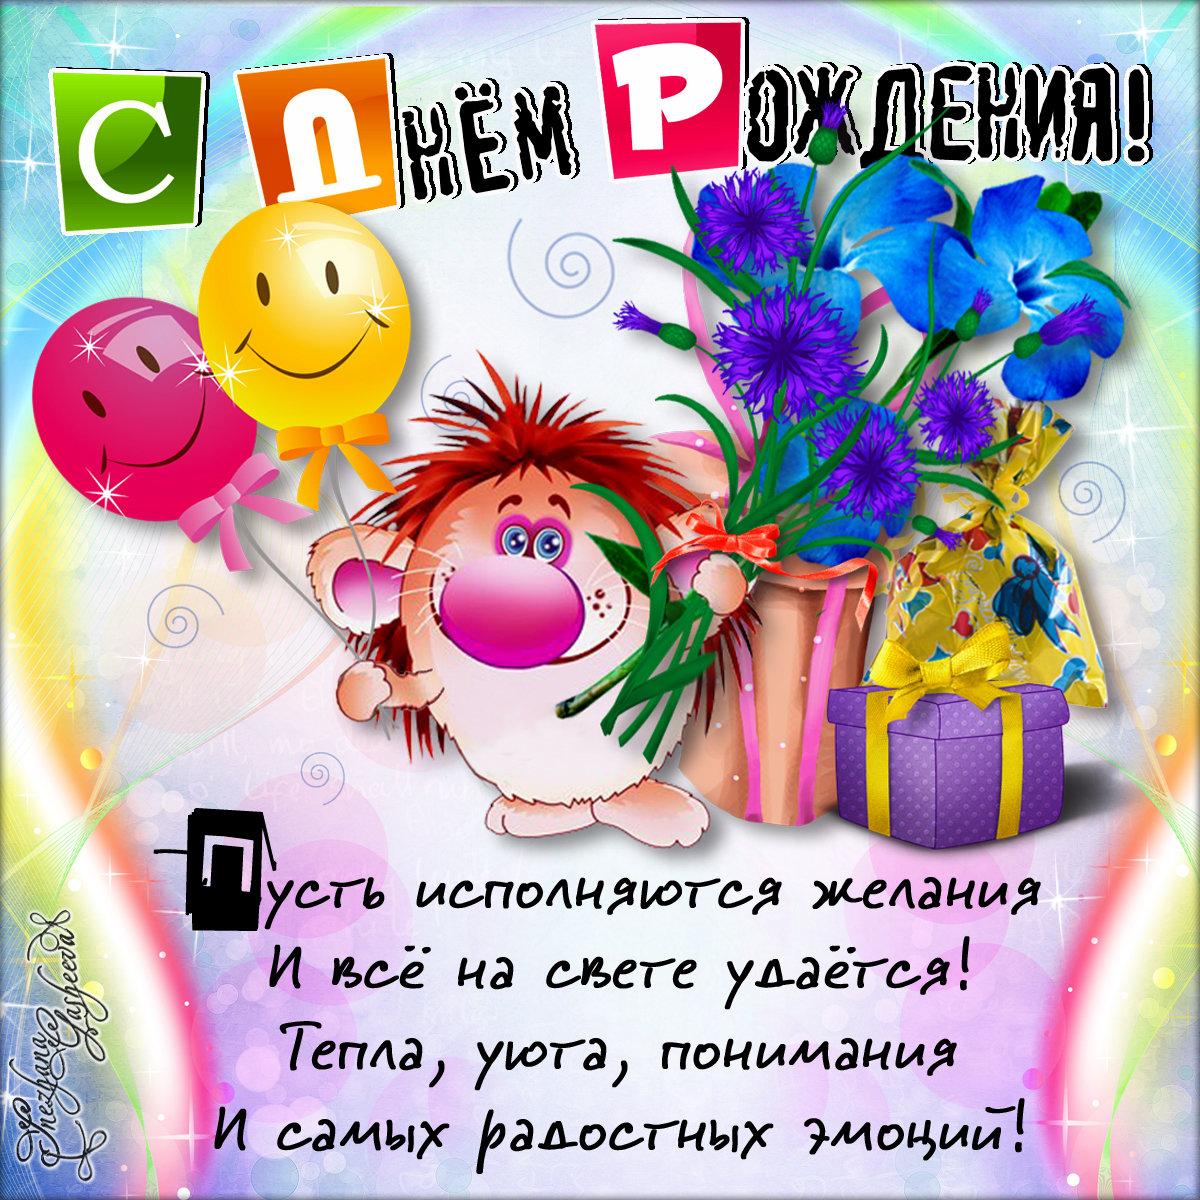 Поздравления с днем рождения одноклассника от класса